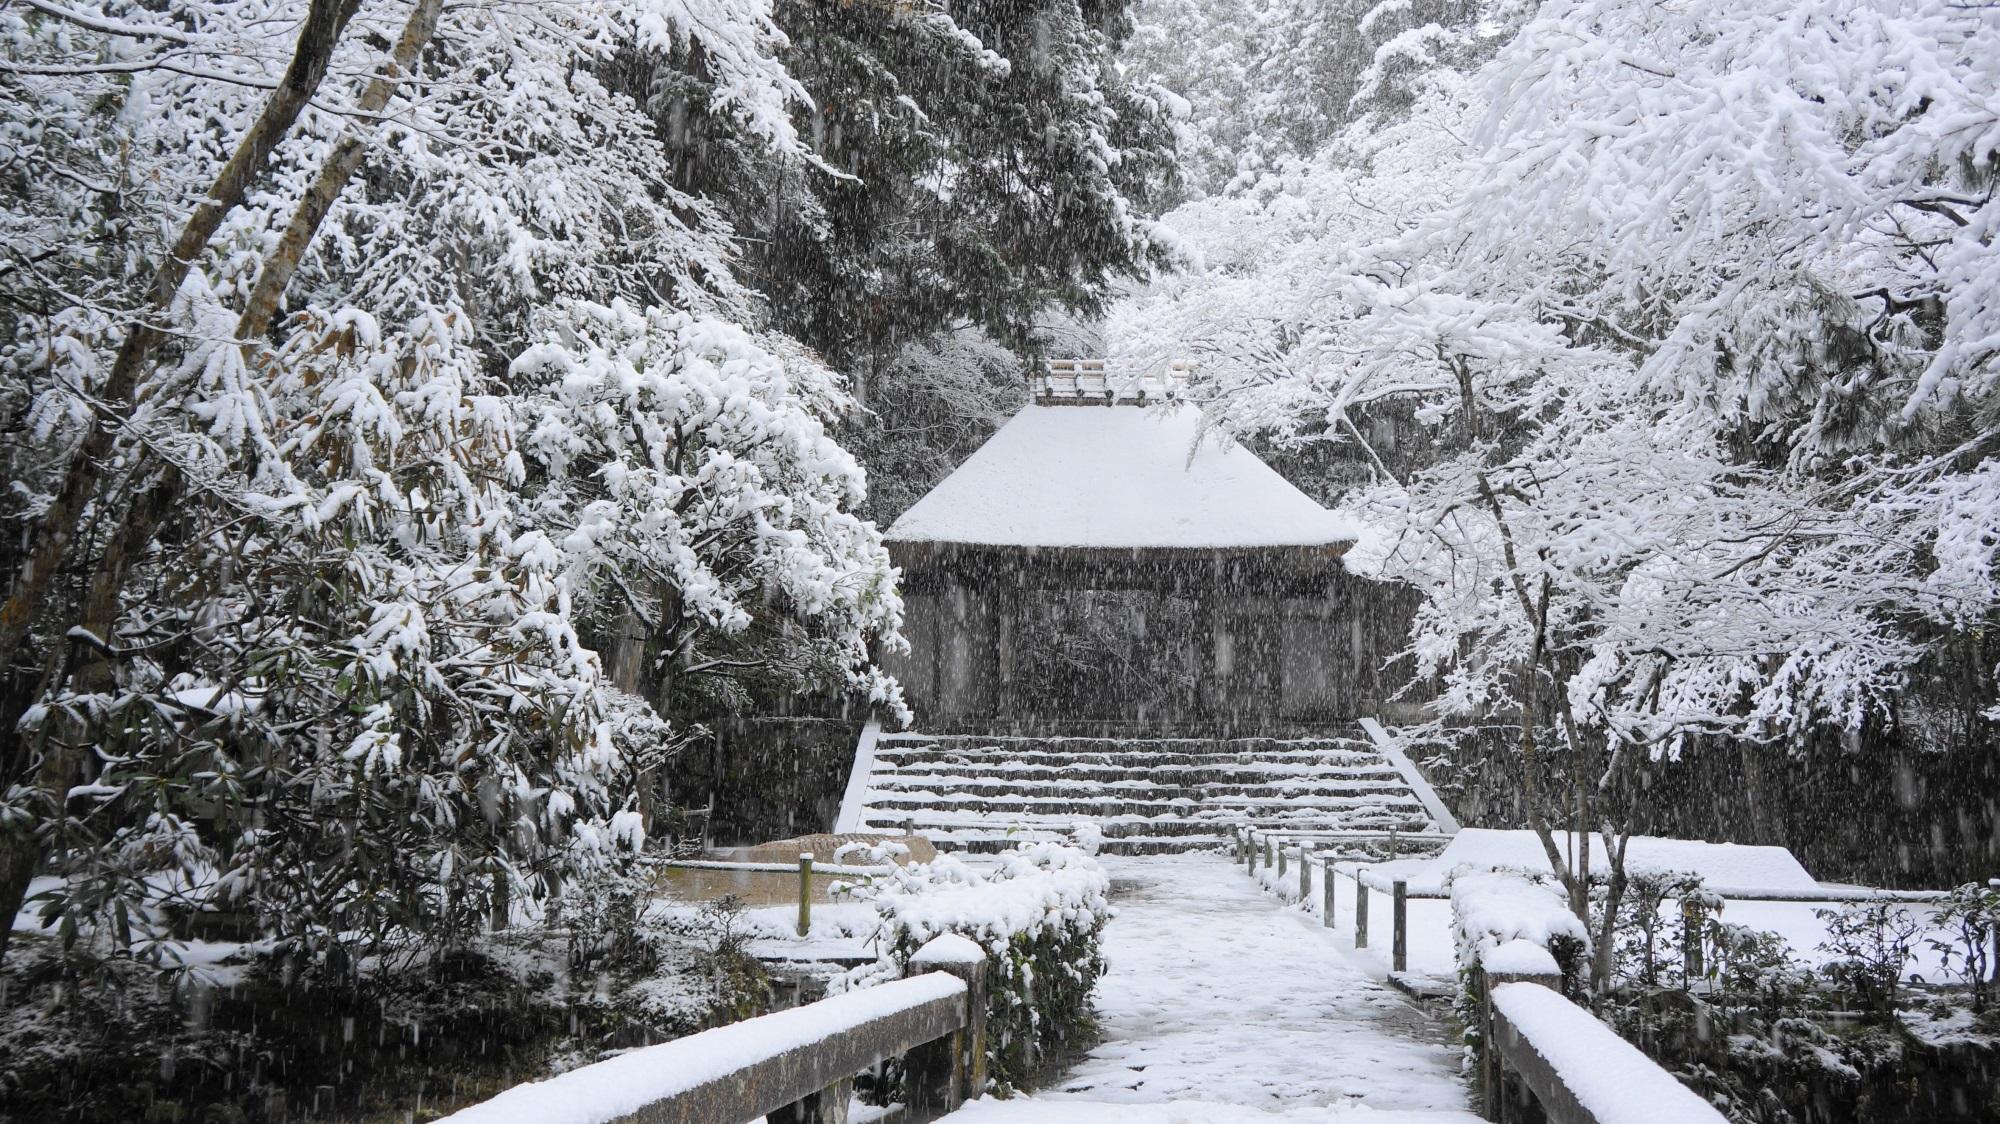 法然院 雪 風情ありすぎる冬景色